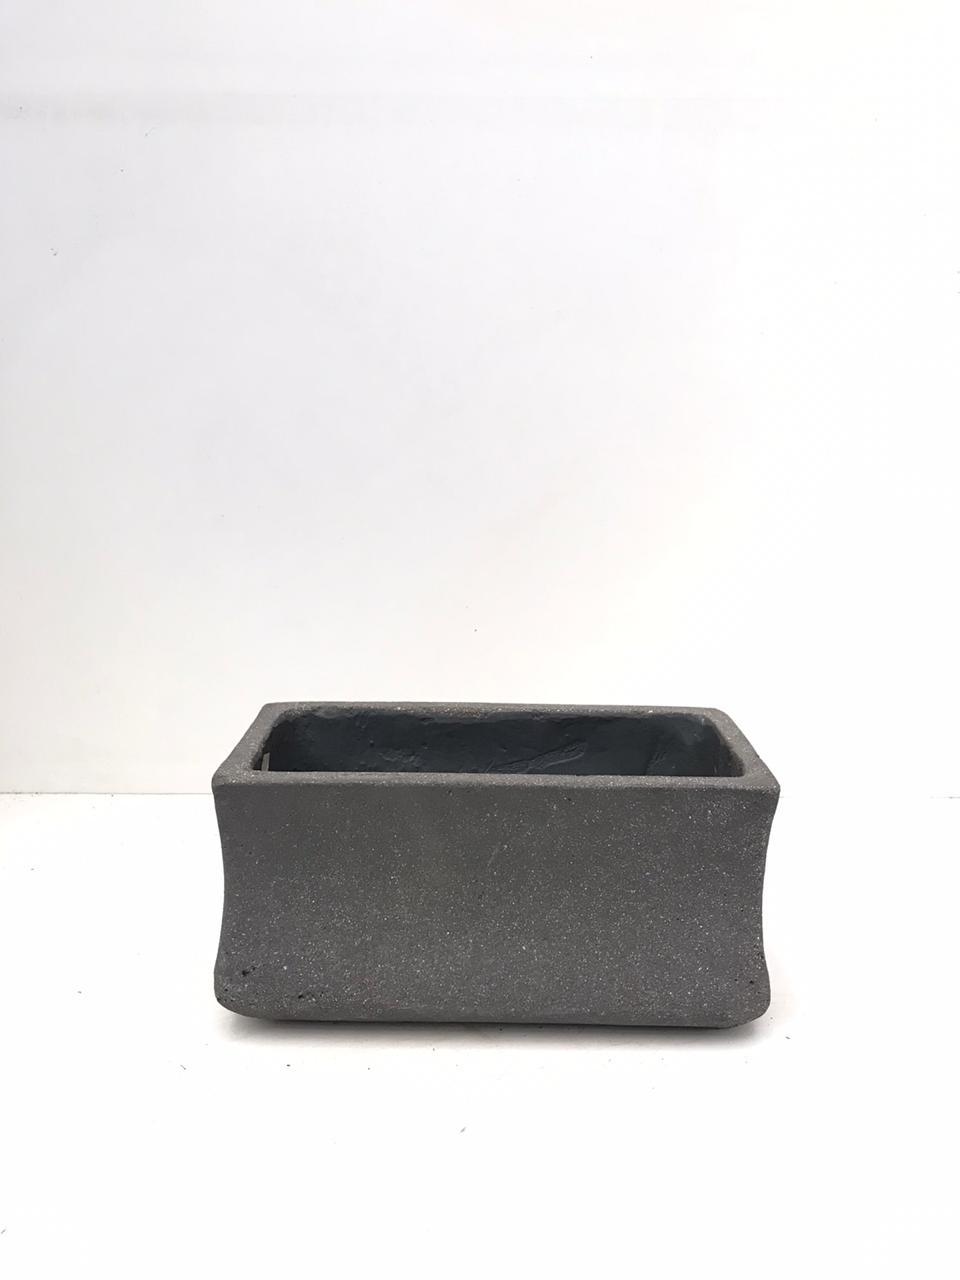 وعاء فيكونستون مستطيل صغير أواني و مزهريات